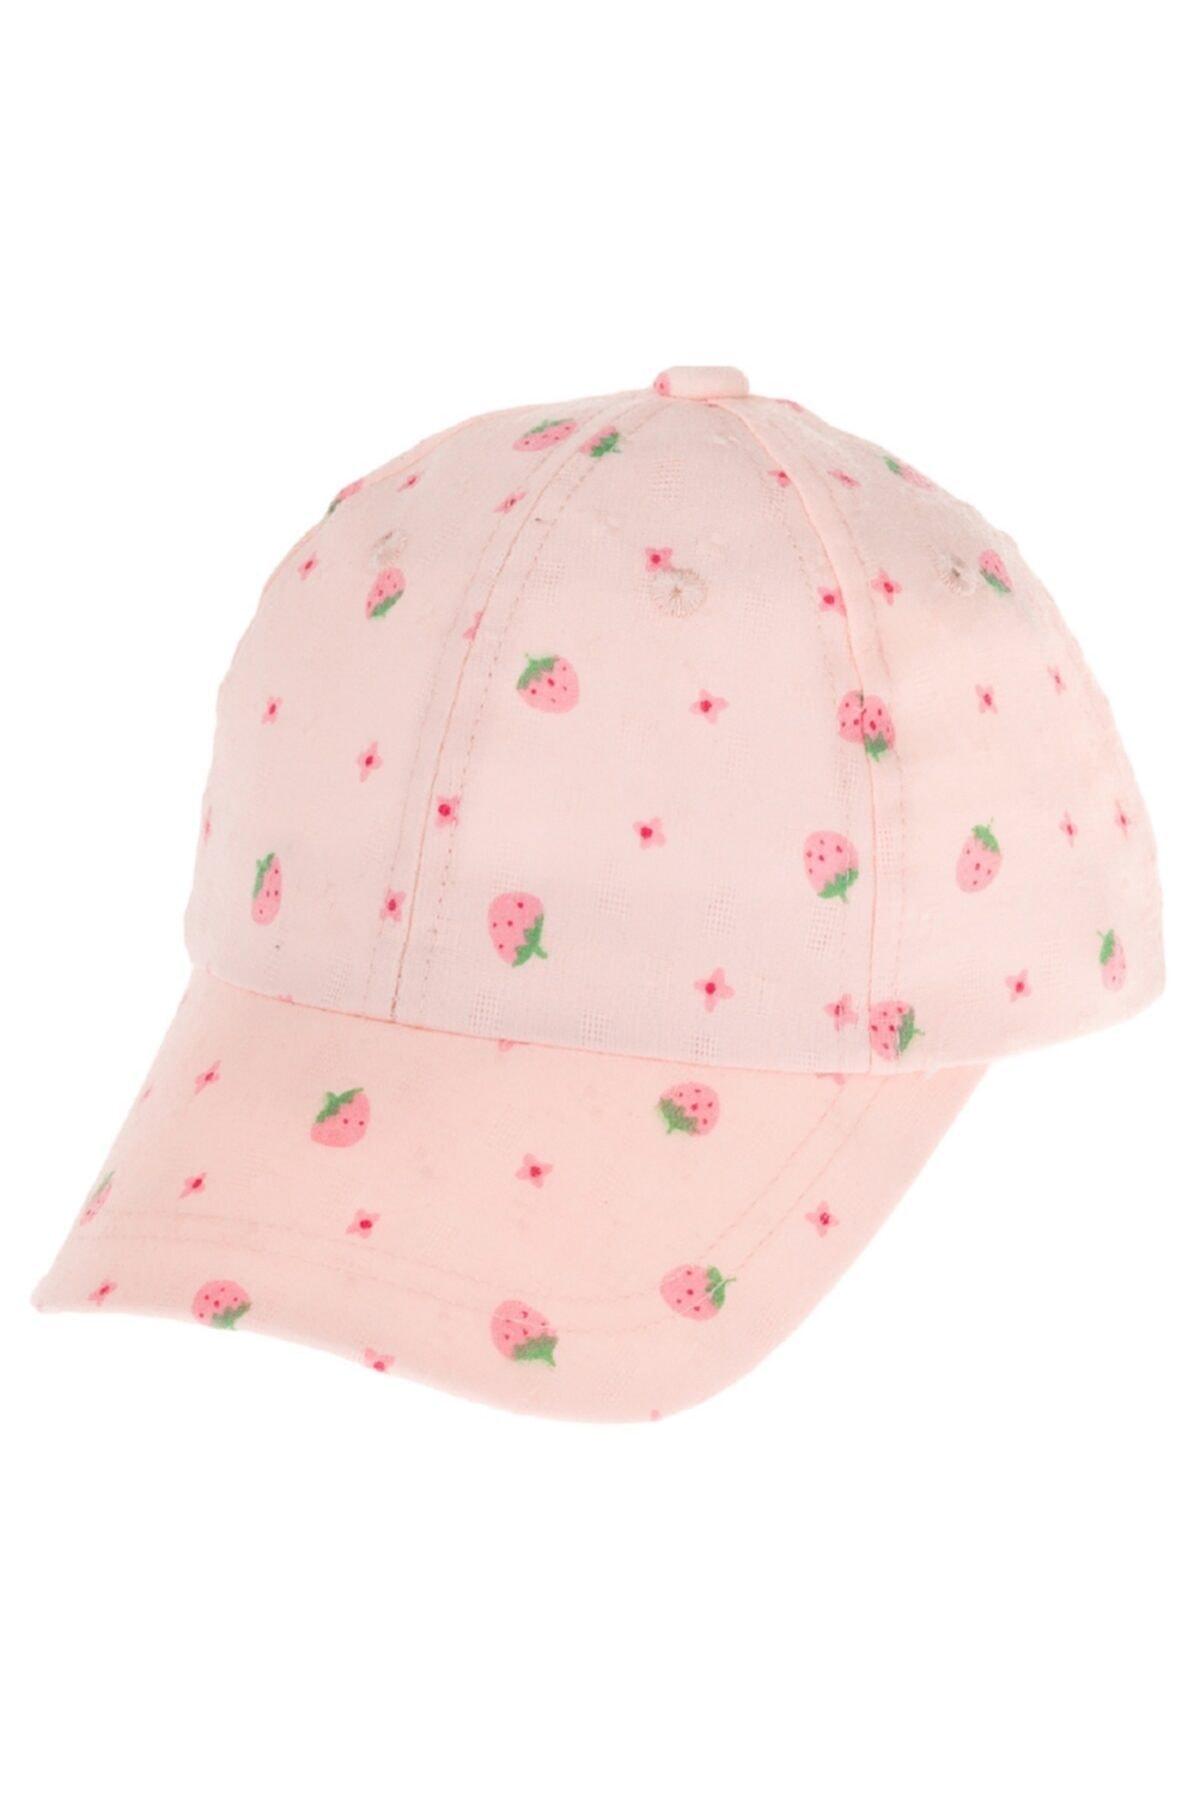 سفارش کلاه نوزاد دختر ارزان برند Kitti رنگ صورتی ty93168358